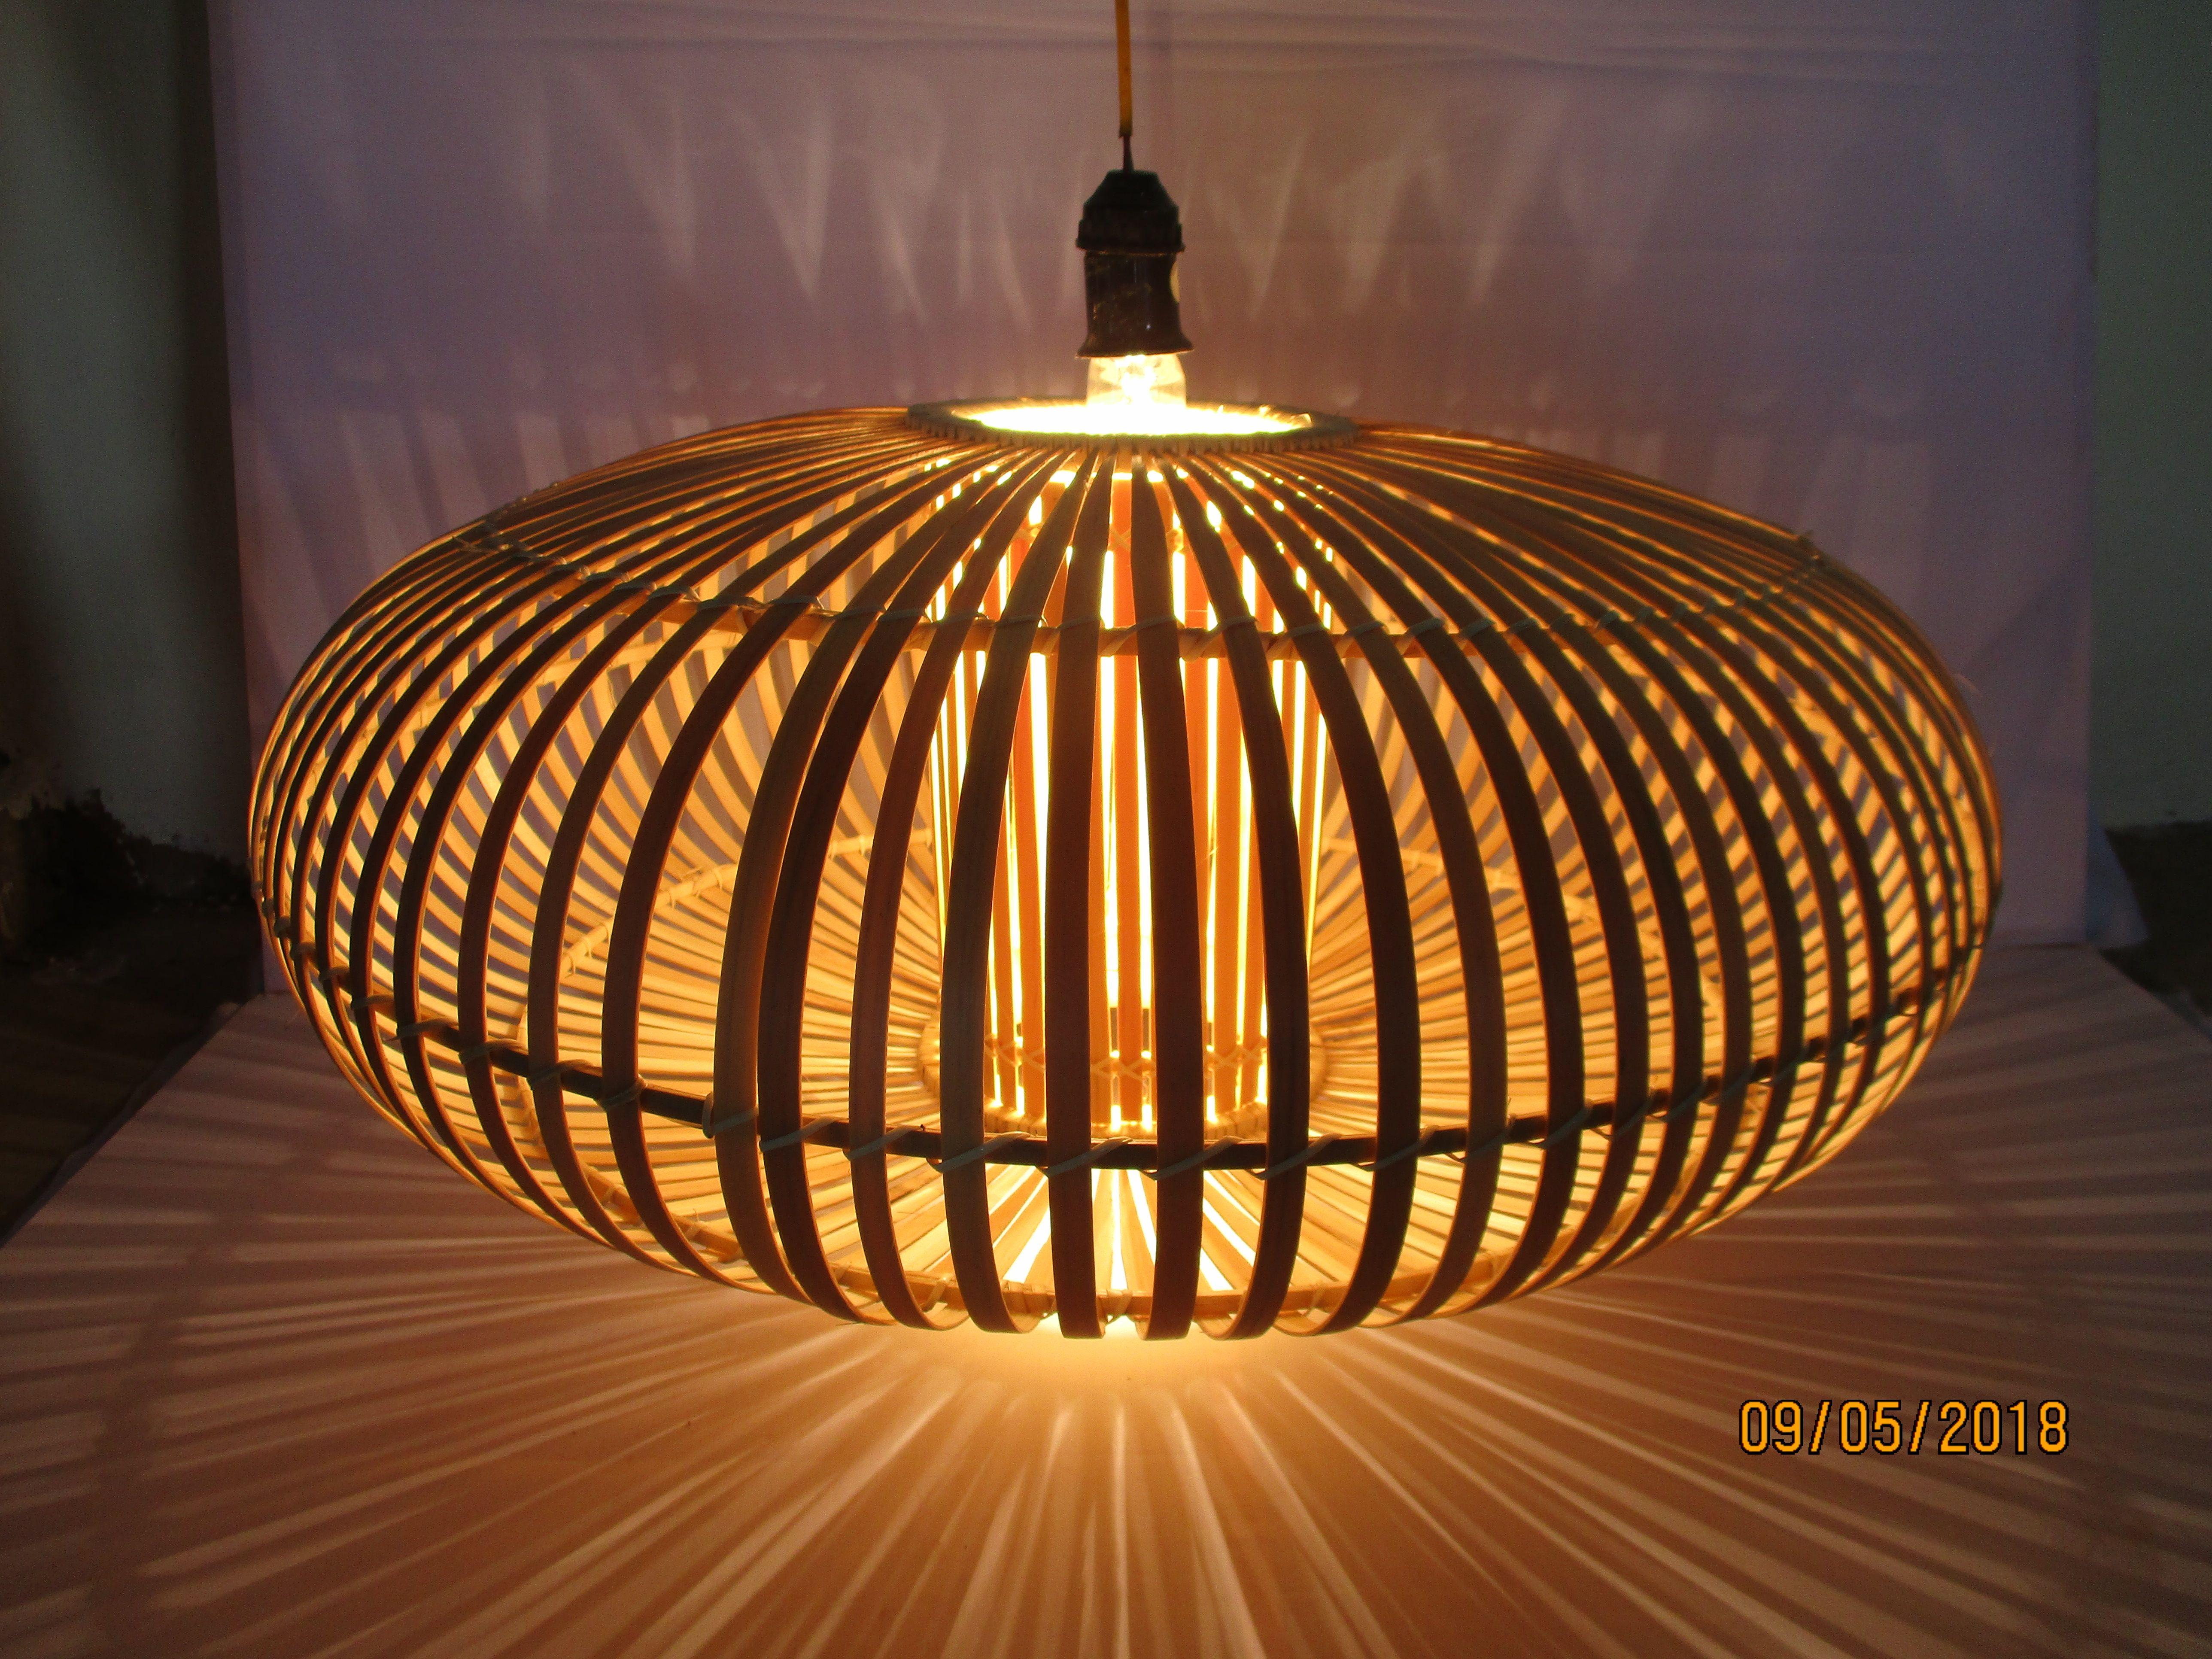 Bamboo Lamp Shade Bamboo Lamp View Bamboo Lamp Shade Vinacraft